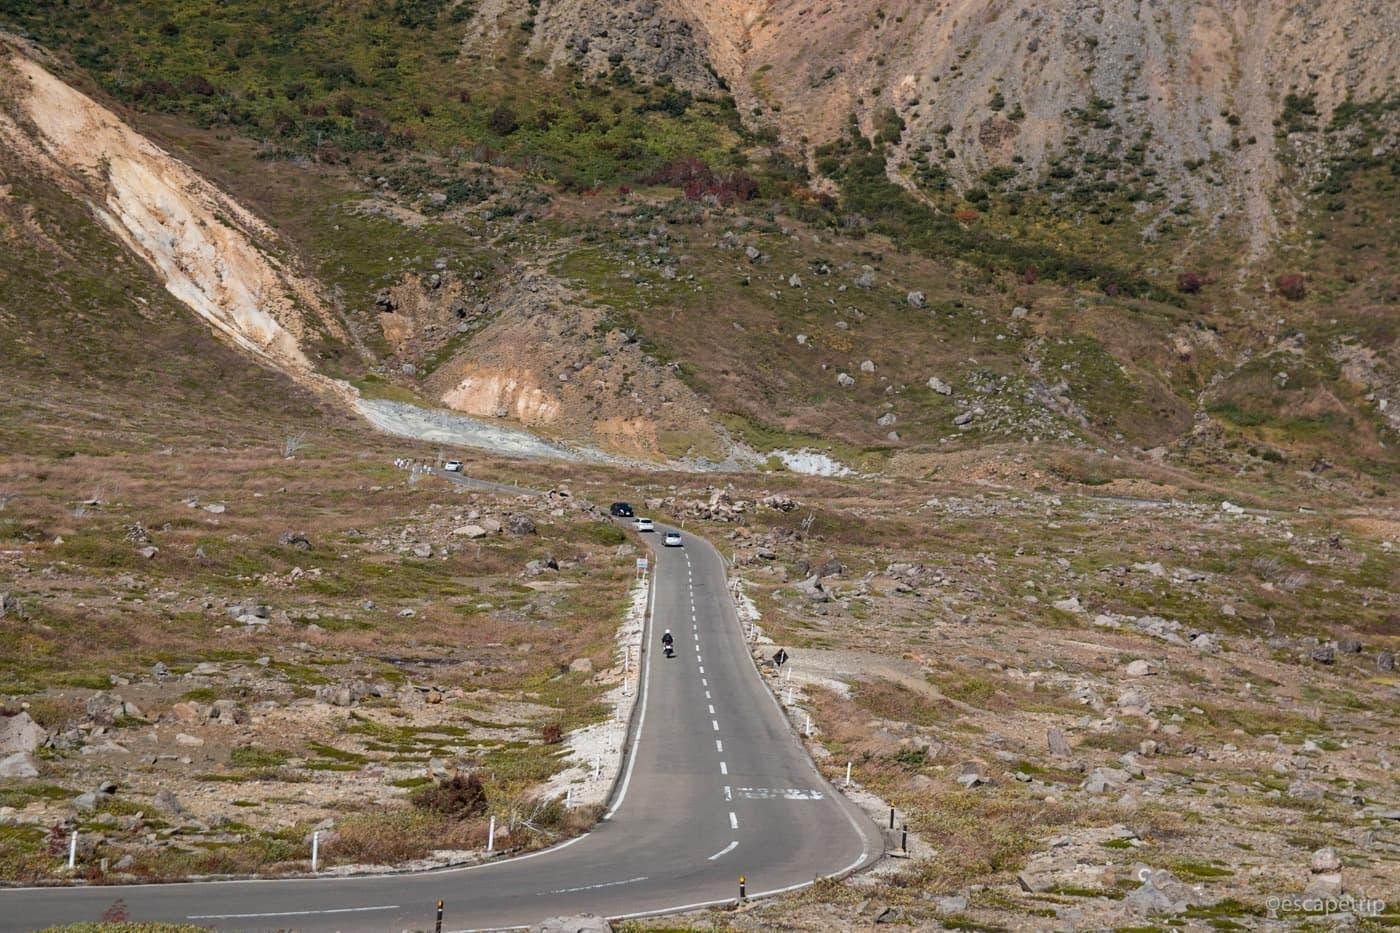 牧歌的な風景と道路